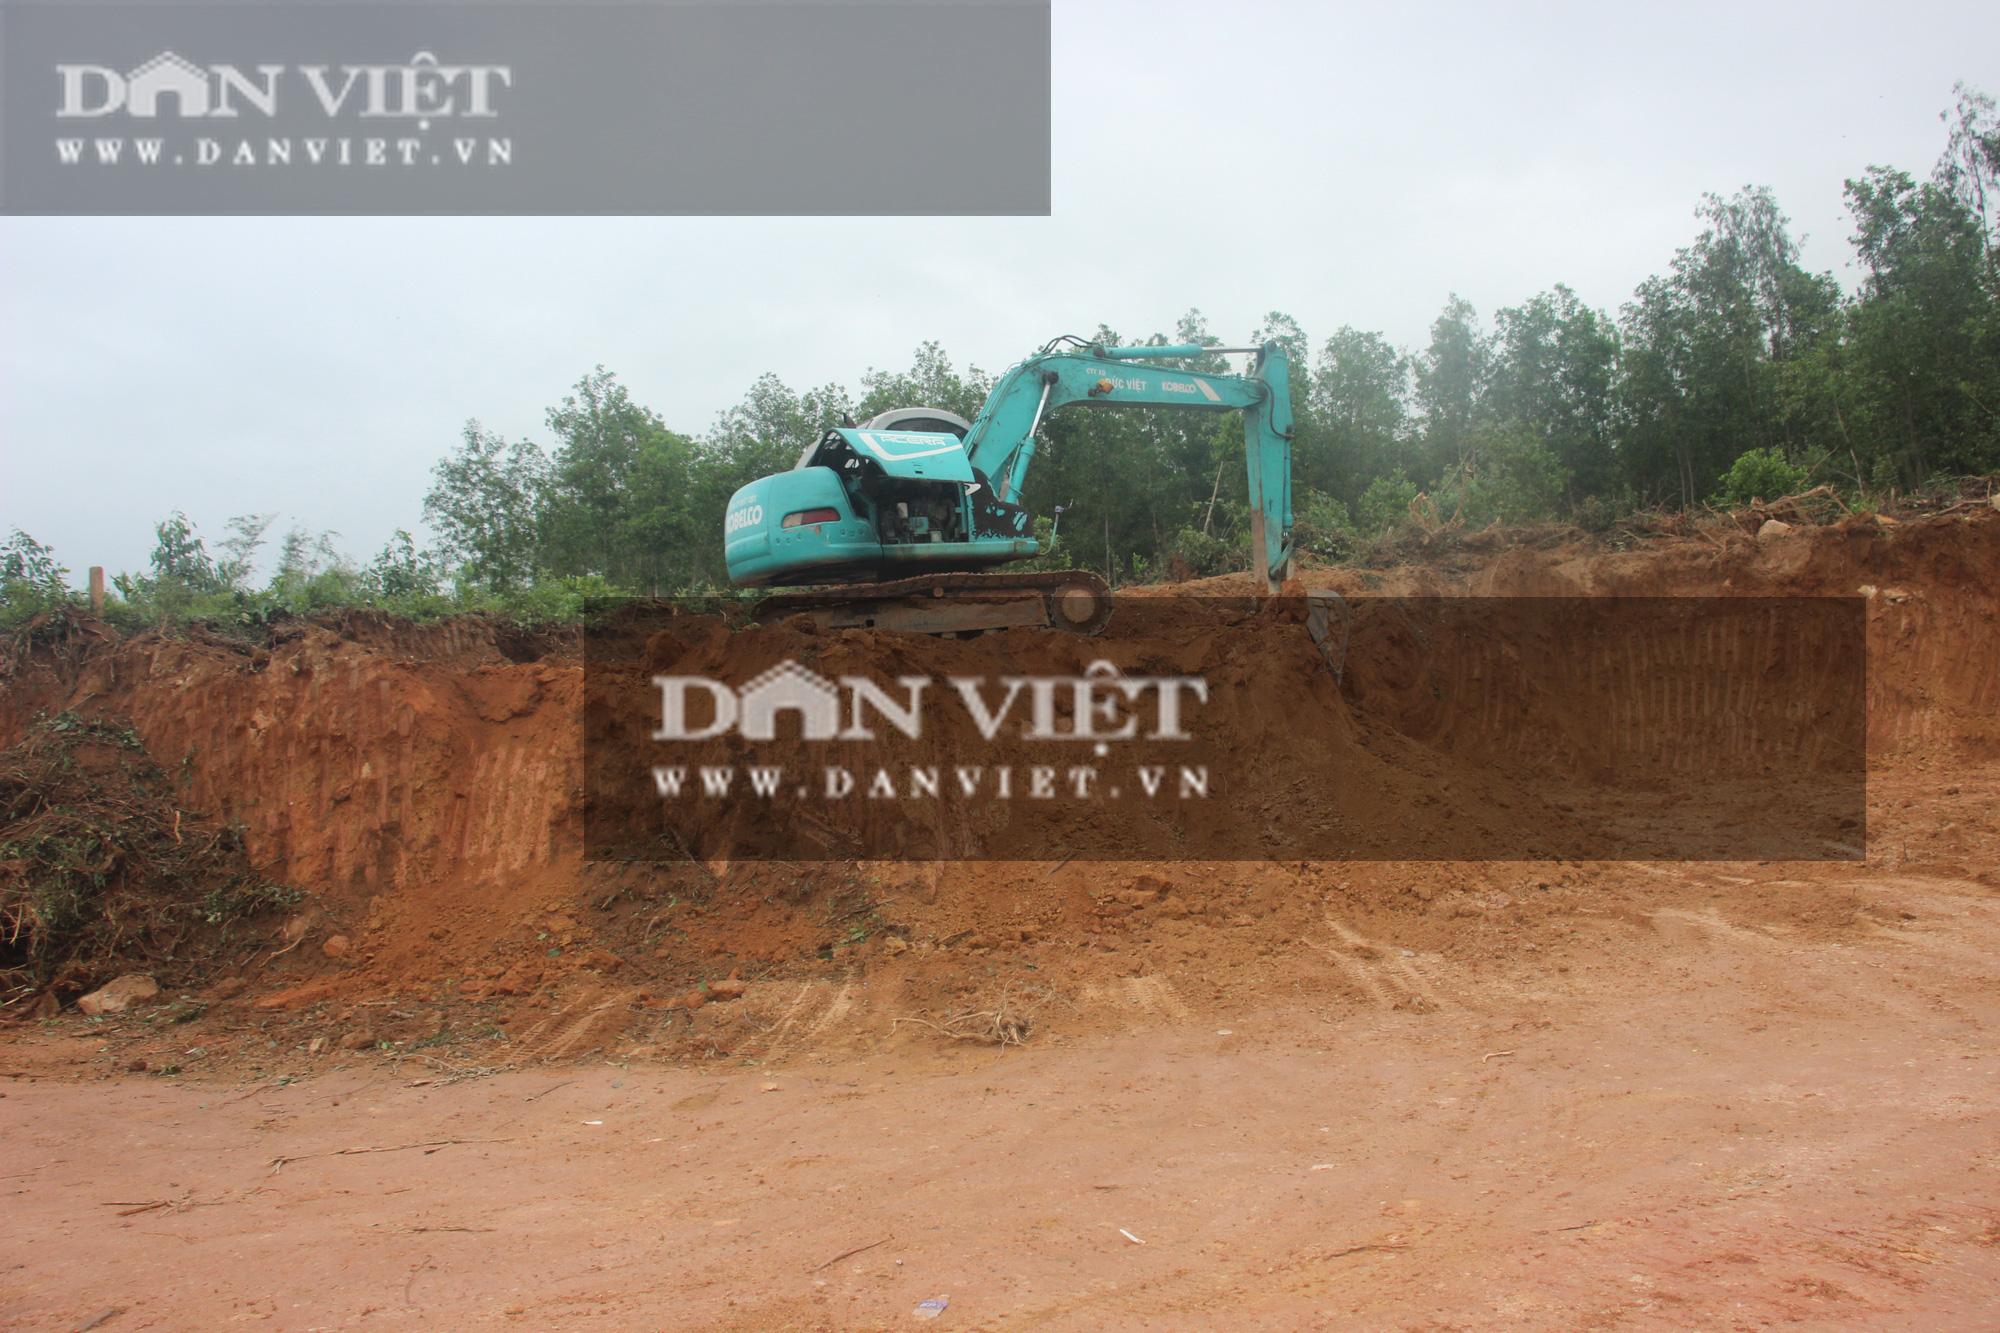 """Bất thường thi công công trình nhà nước chục tỷ ở Bình Định: Sẽ hợp thức hóa """"đất lậu""""… từ mỏ có giấy phép(?) - Ảnh 3."""